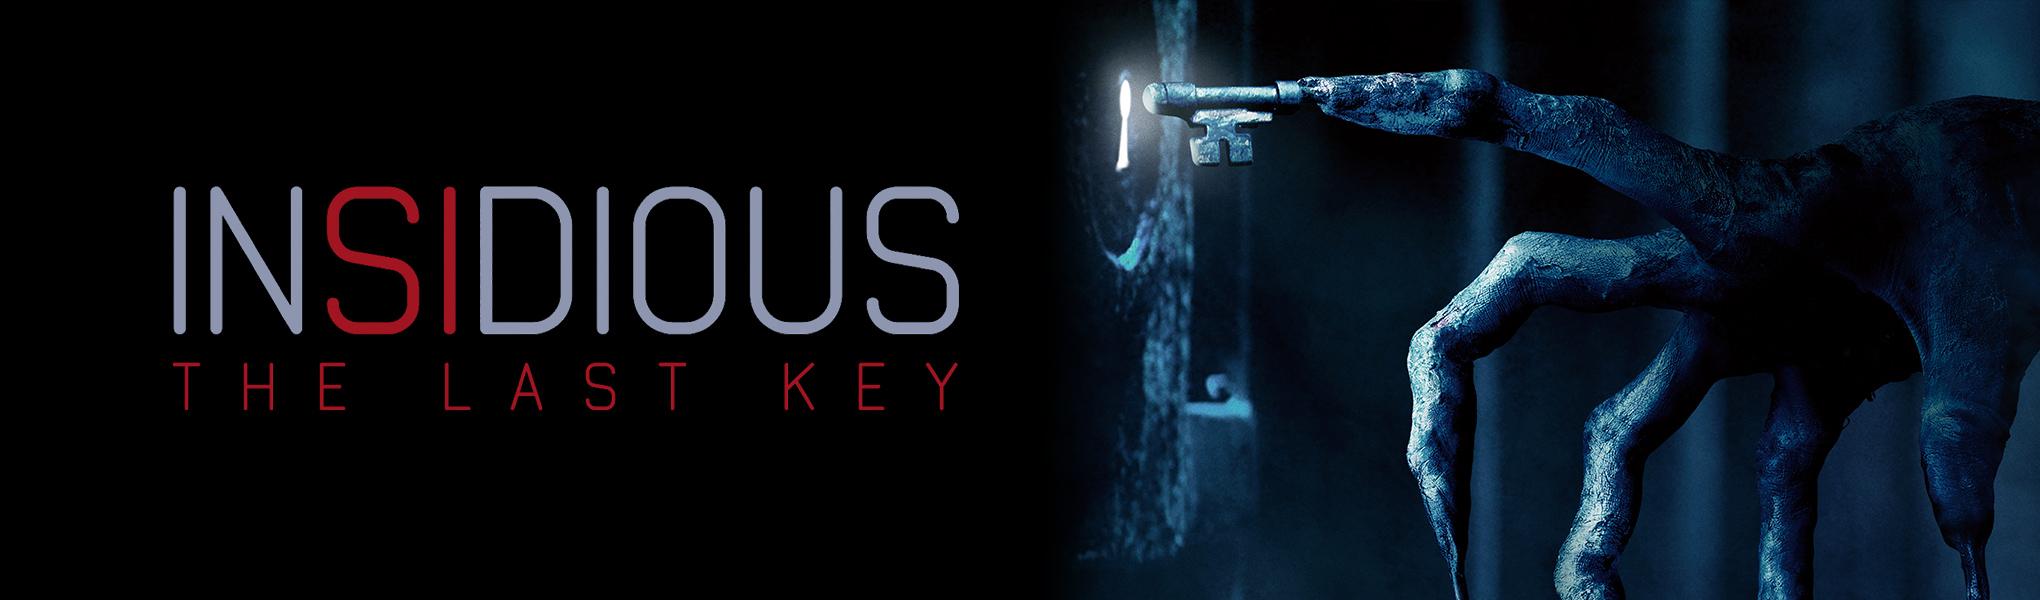 Insidious The Last Key Download Keywordsvid S Diary